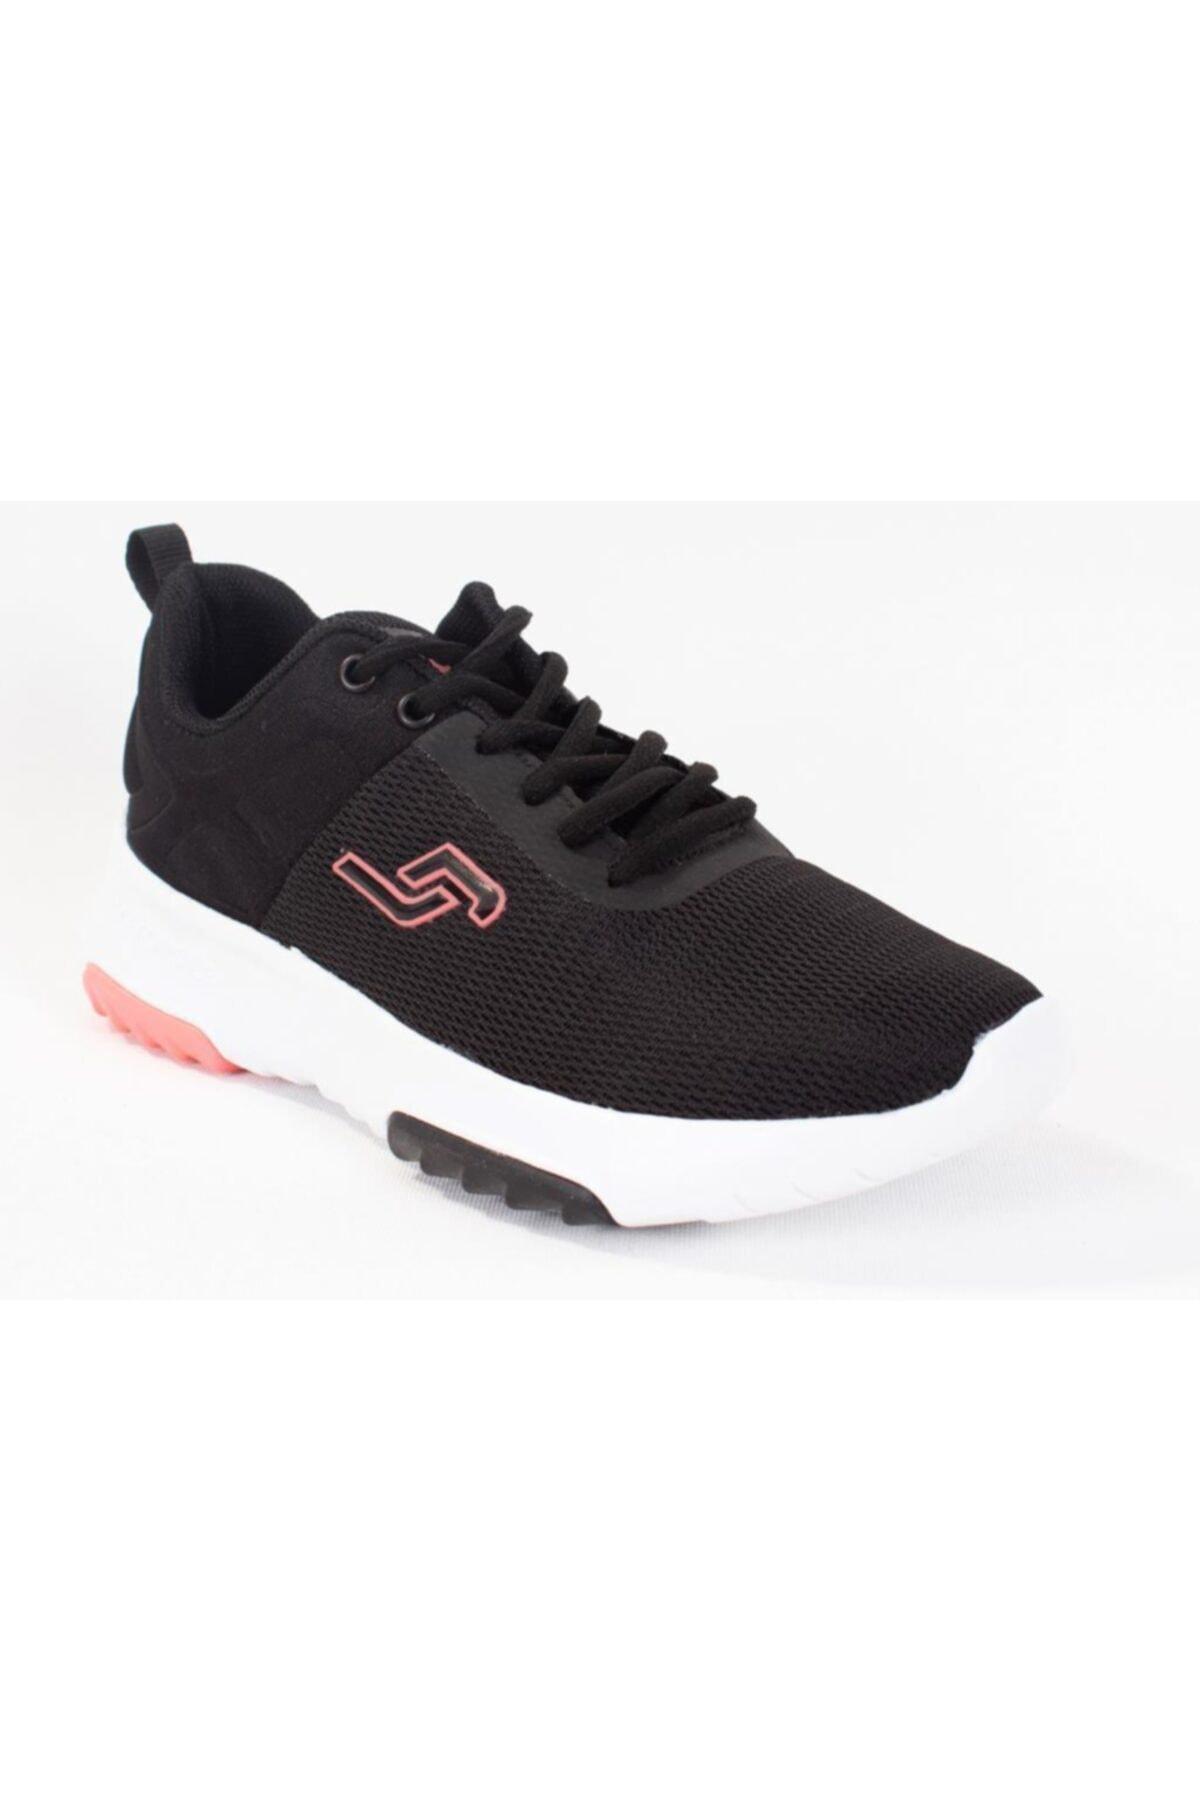 Jump Kadın Spor Ayakkabı 24879 Siyah-somon pembe 20S04024879 1